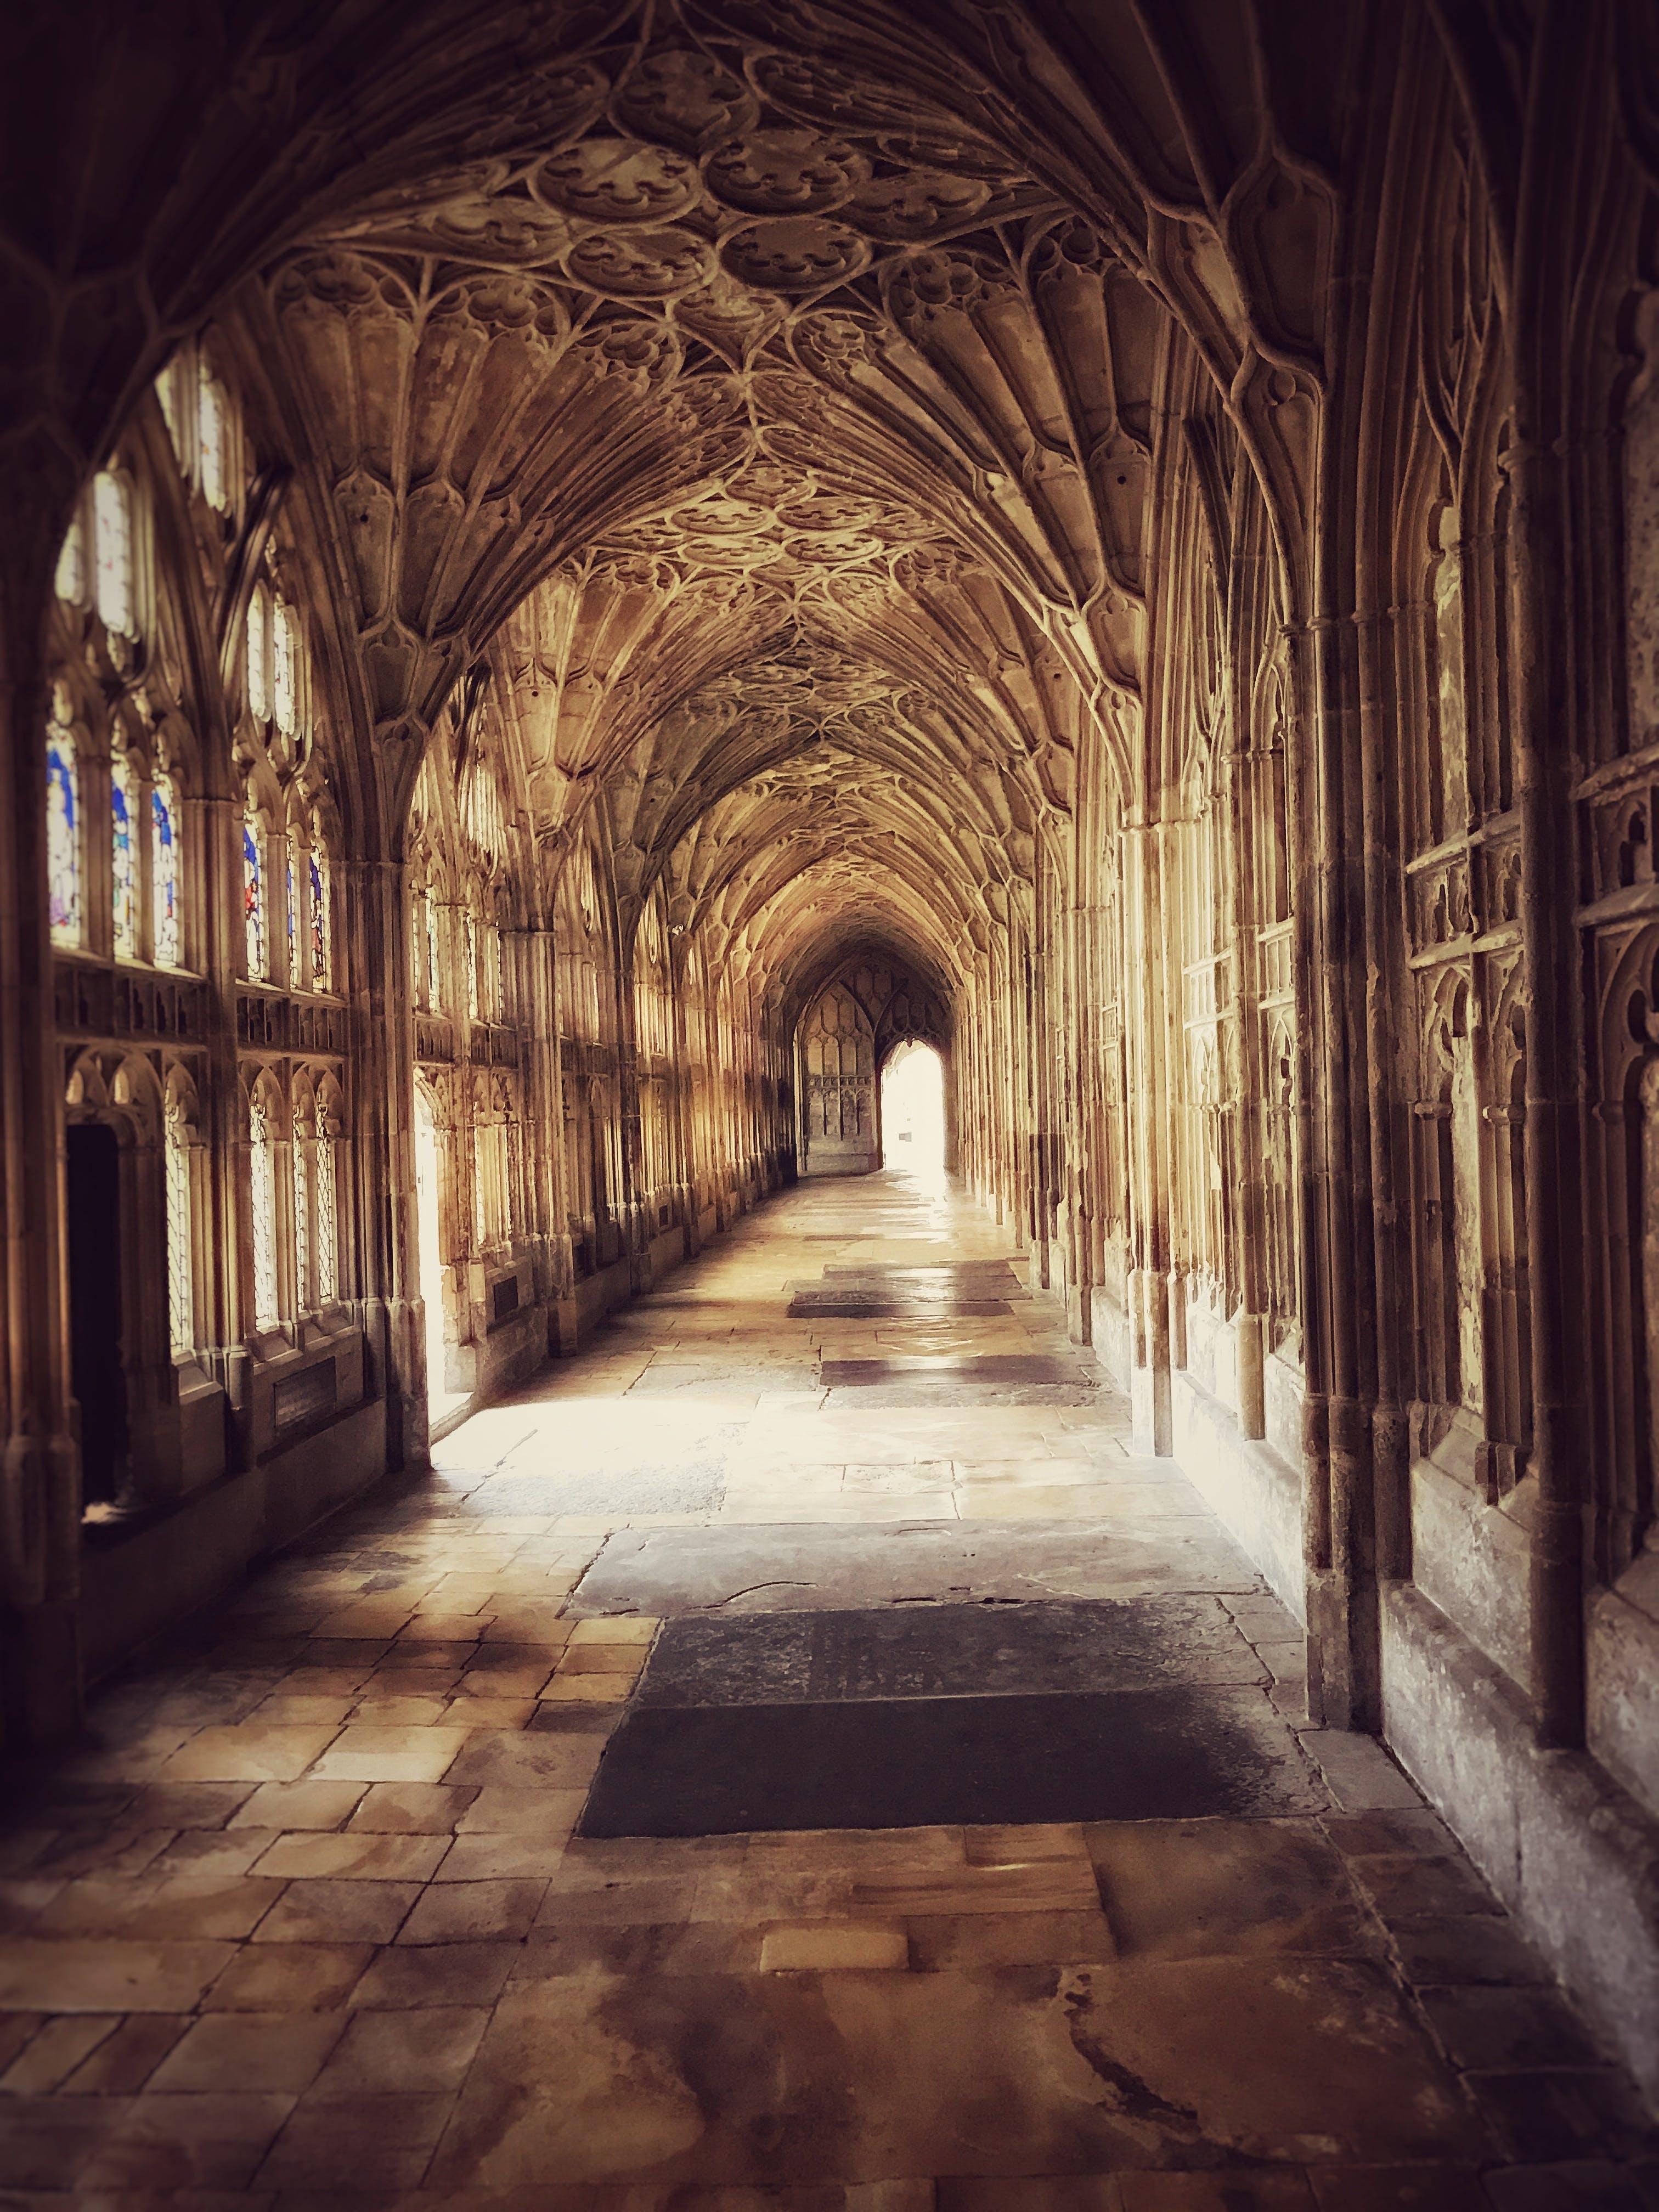 Kostenloses Stock Foto zu architektur, bekannt, bogen, britisch